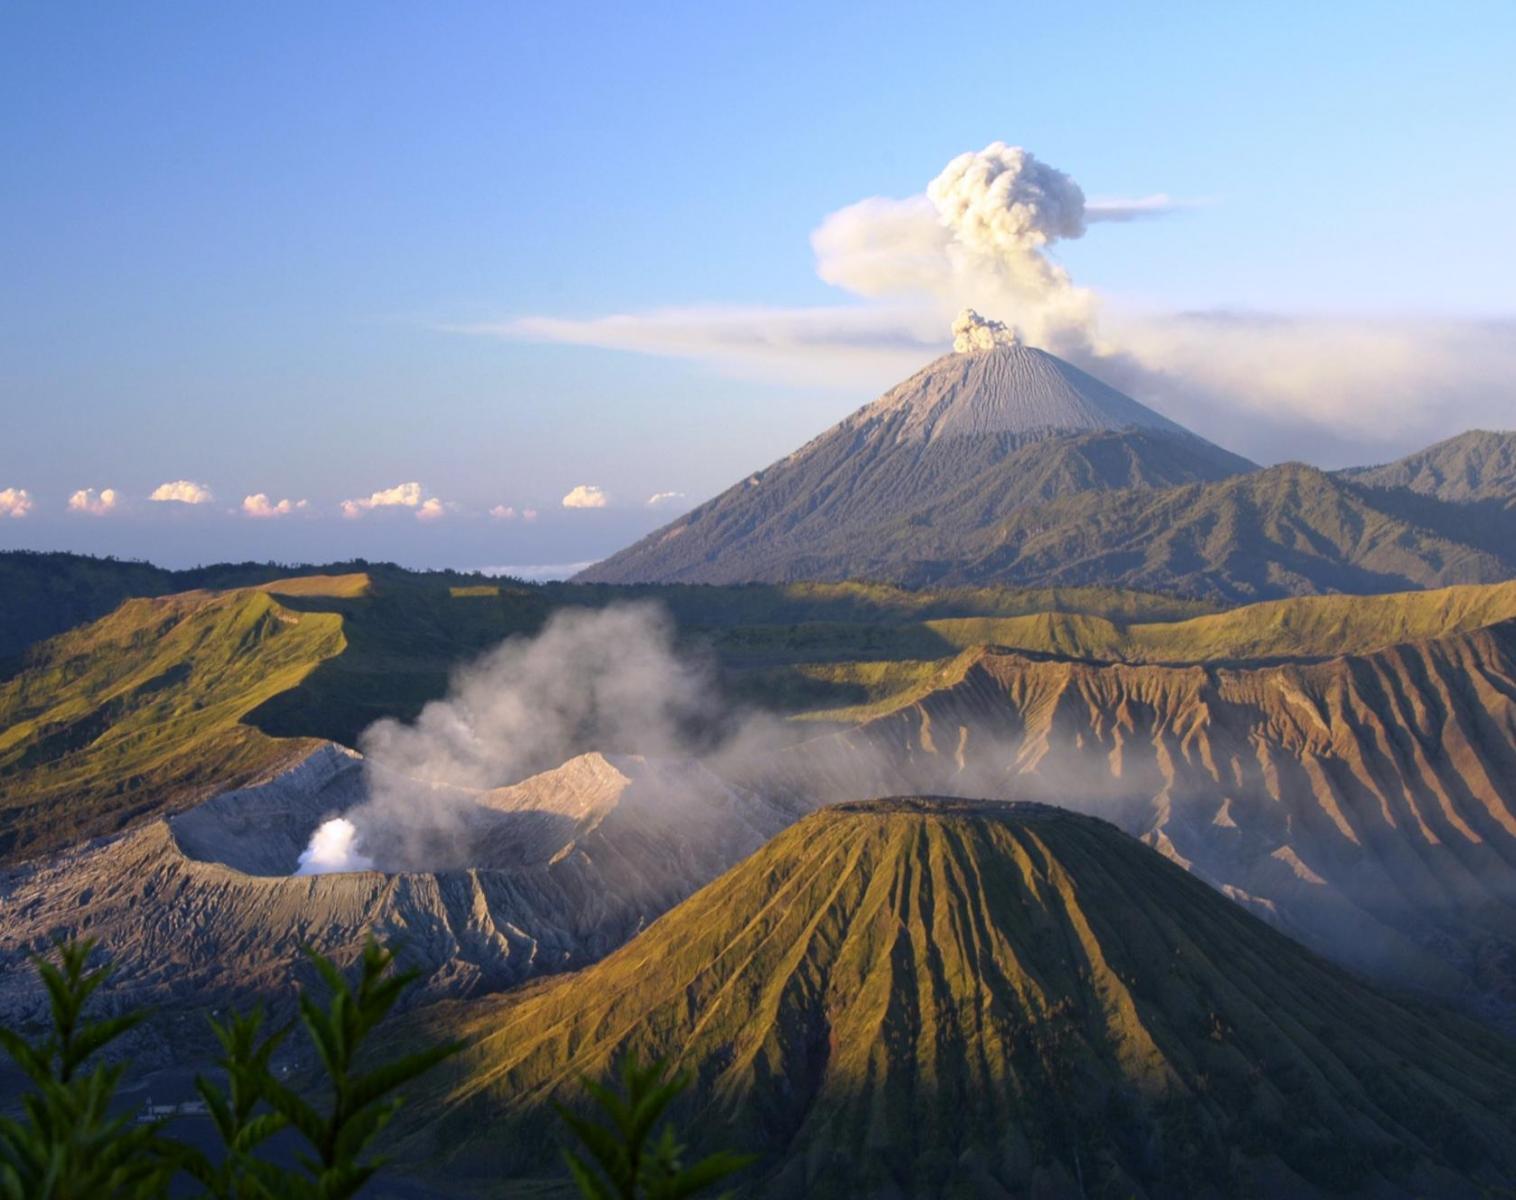 Indonésie  Java, Bali et croisière sur les îles komodo   Découverte Observation nature Navigation Apnée & Plongée  Balade nature Rencontres et cultures du Monde